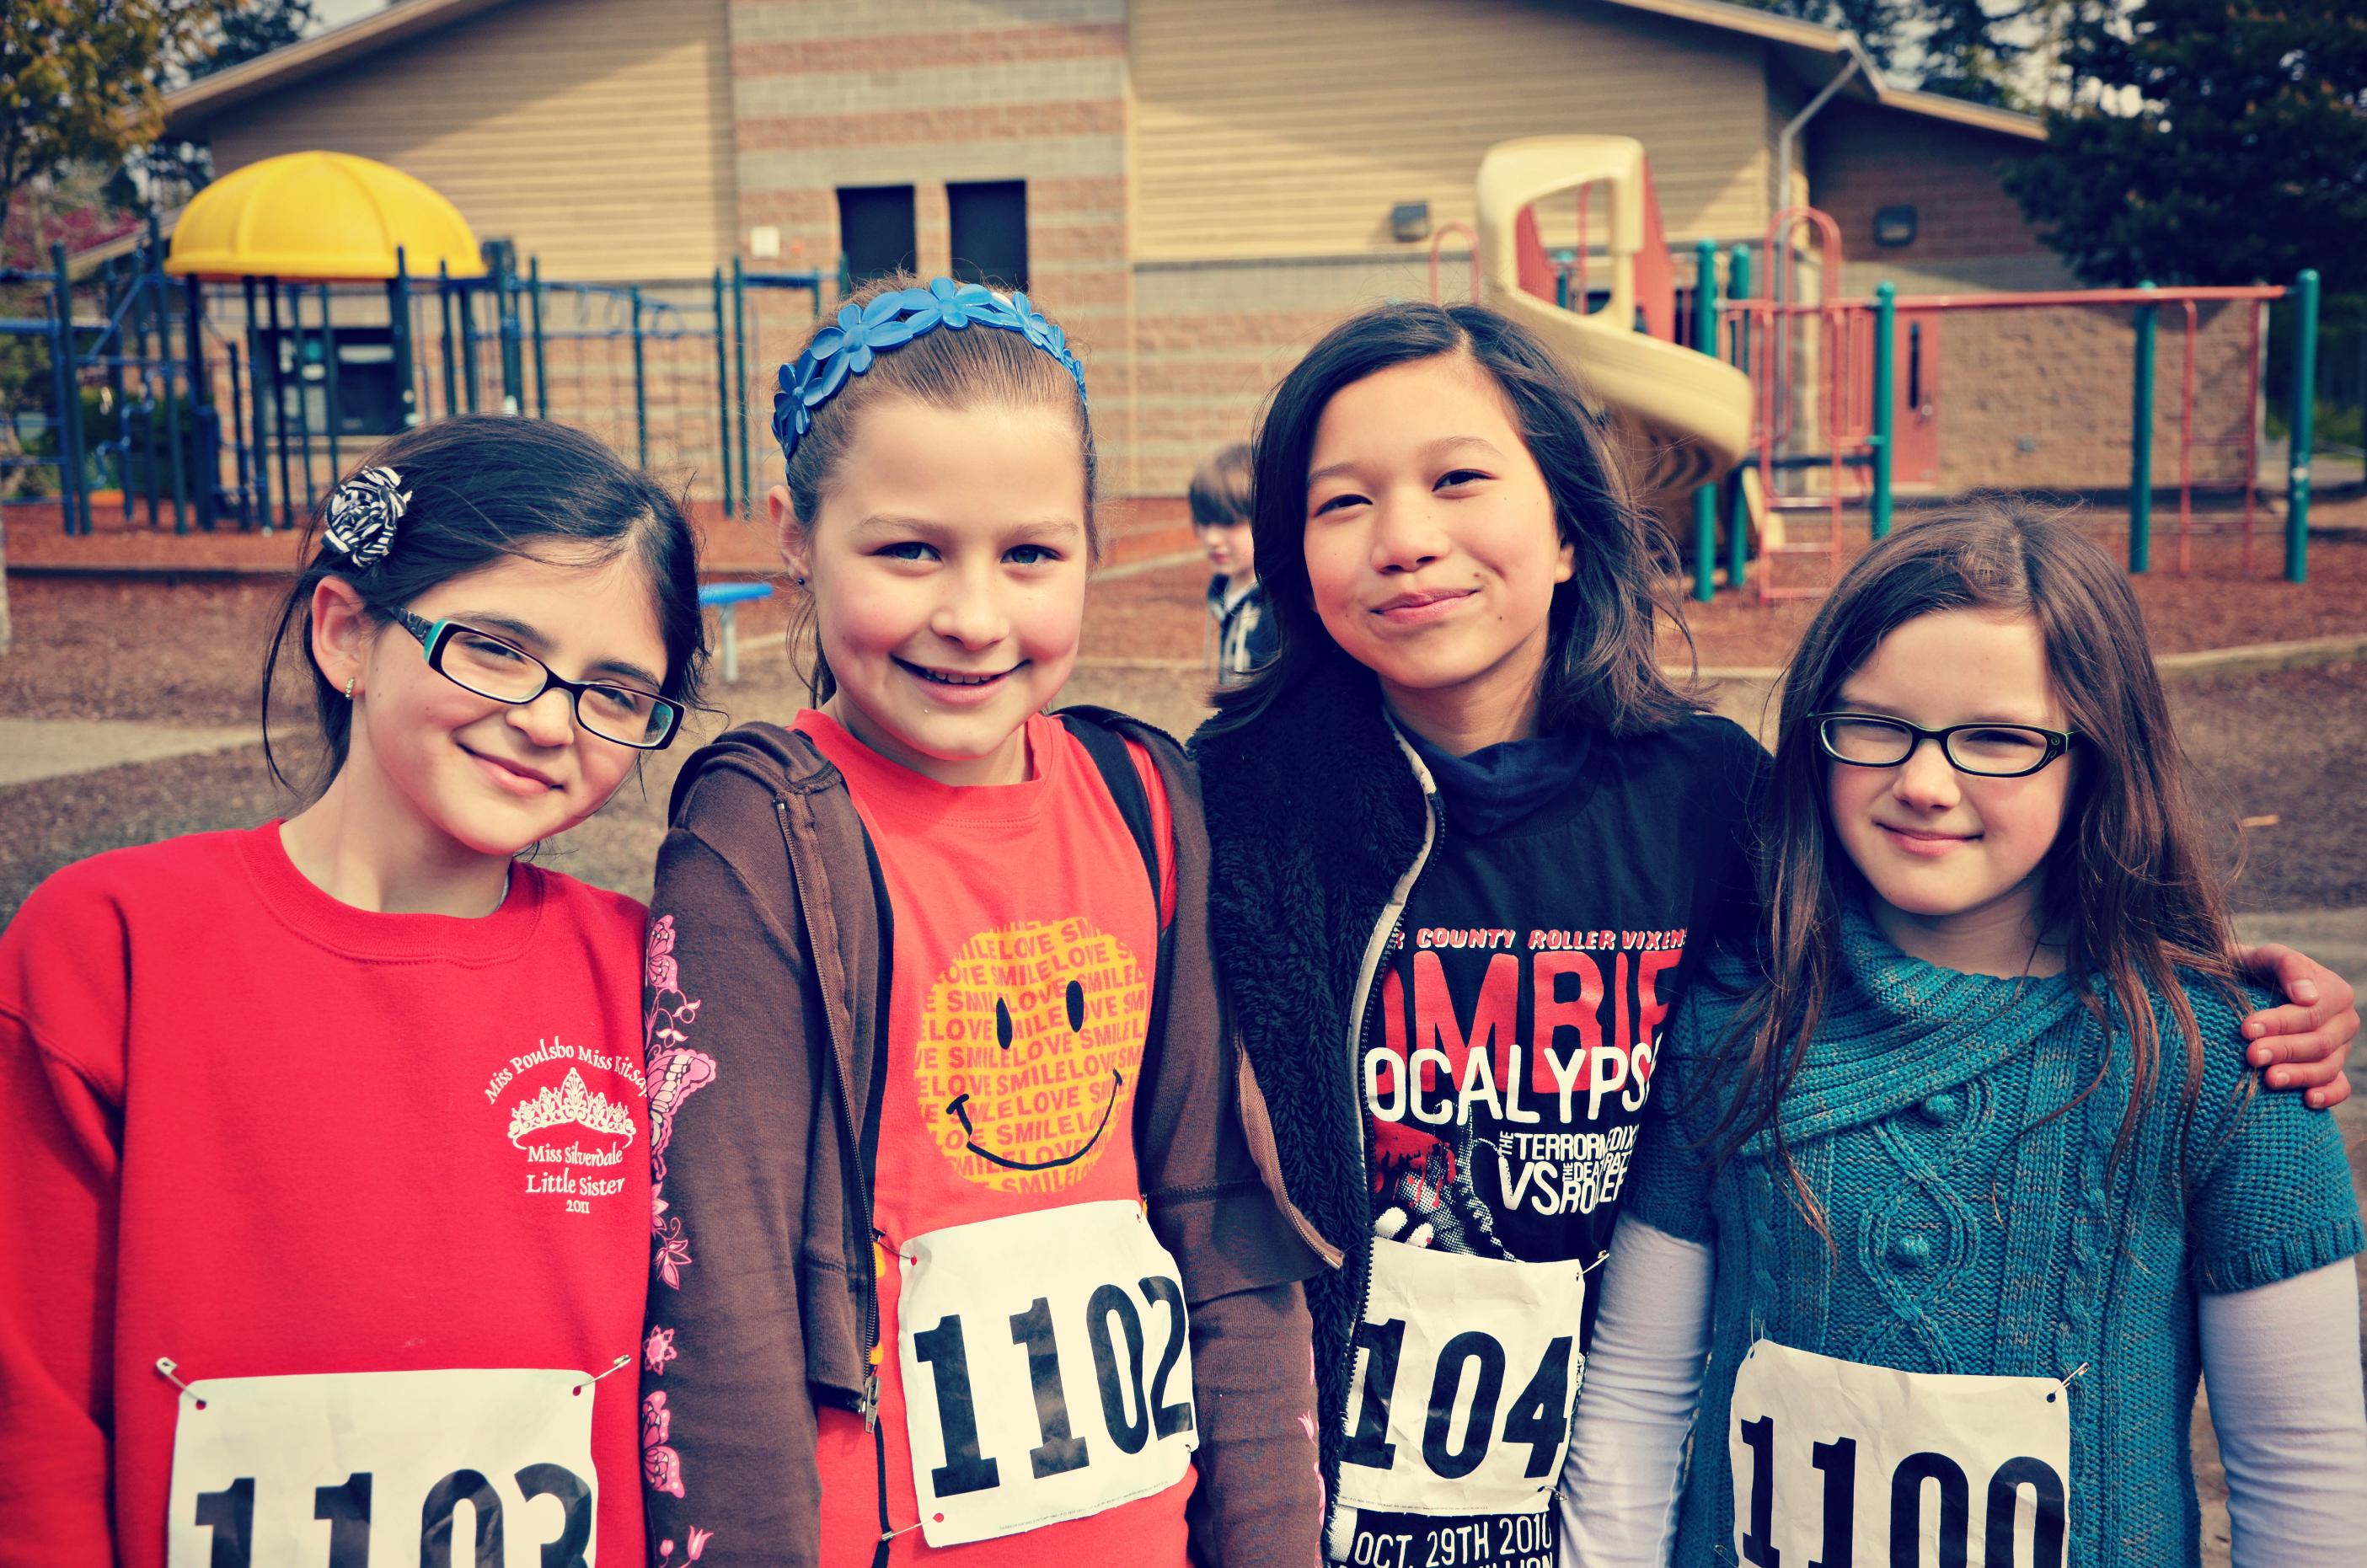 Livi and friends at school fun run